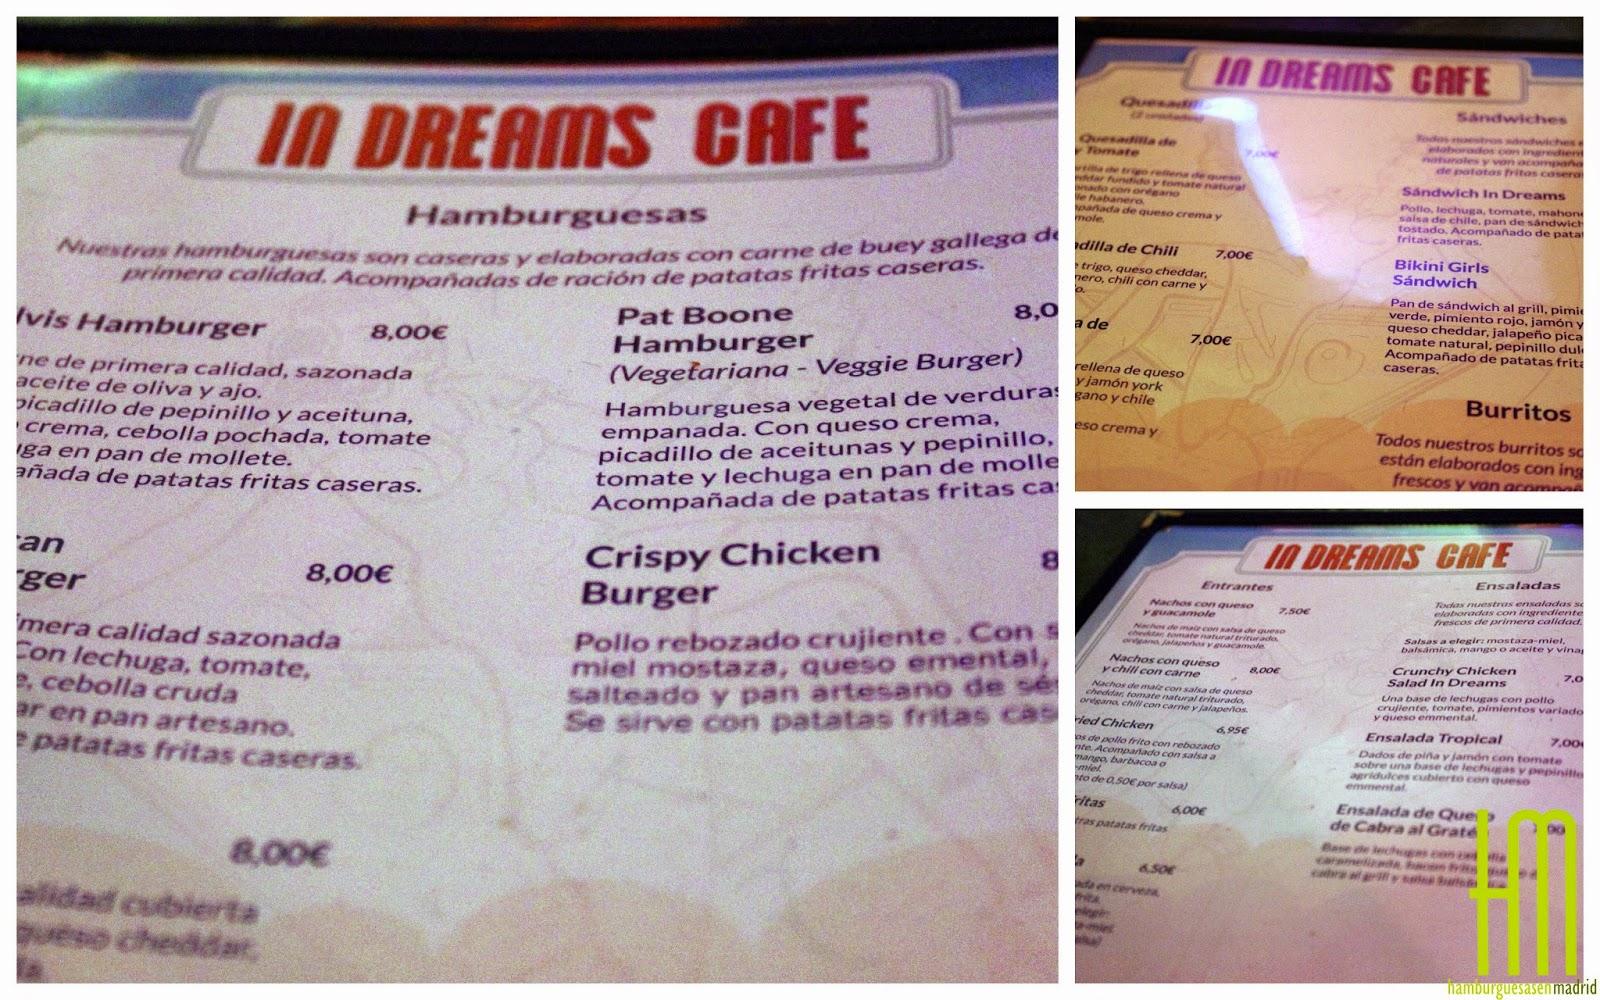 Carta comidas In Dreams